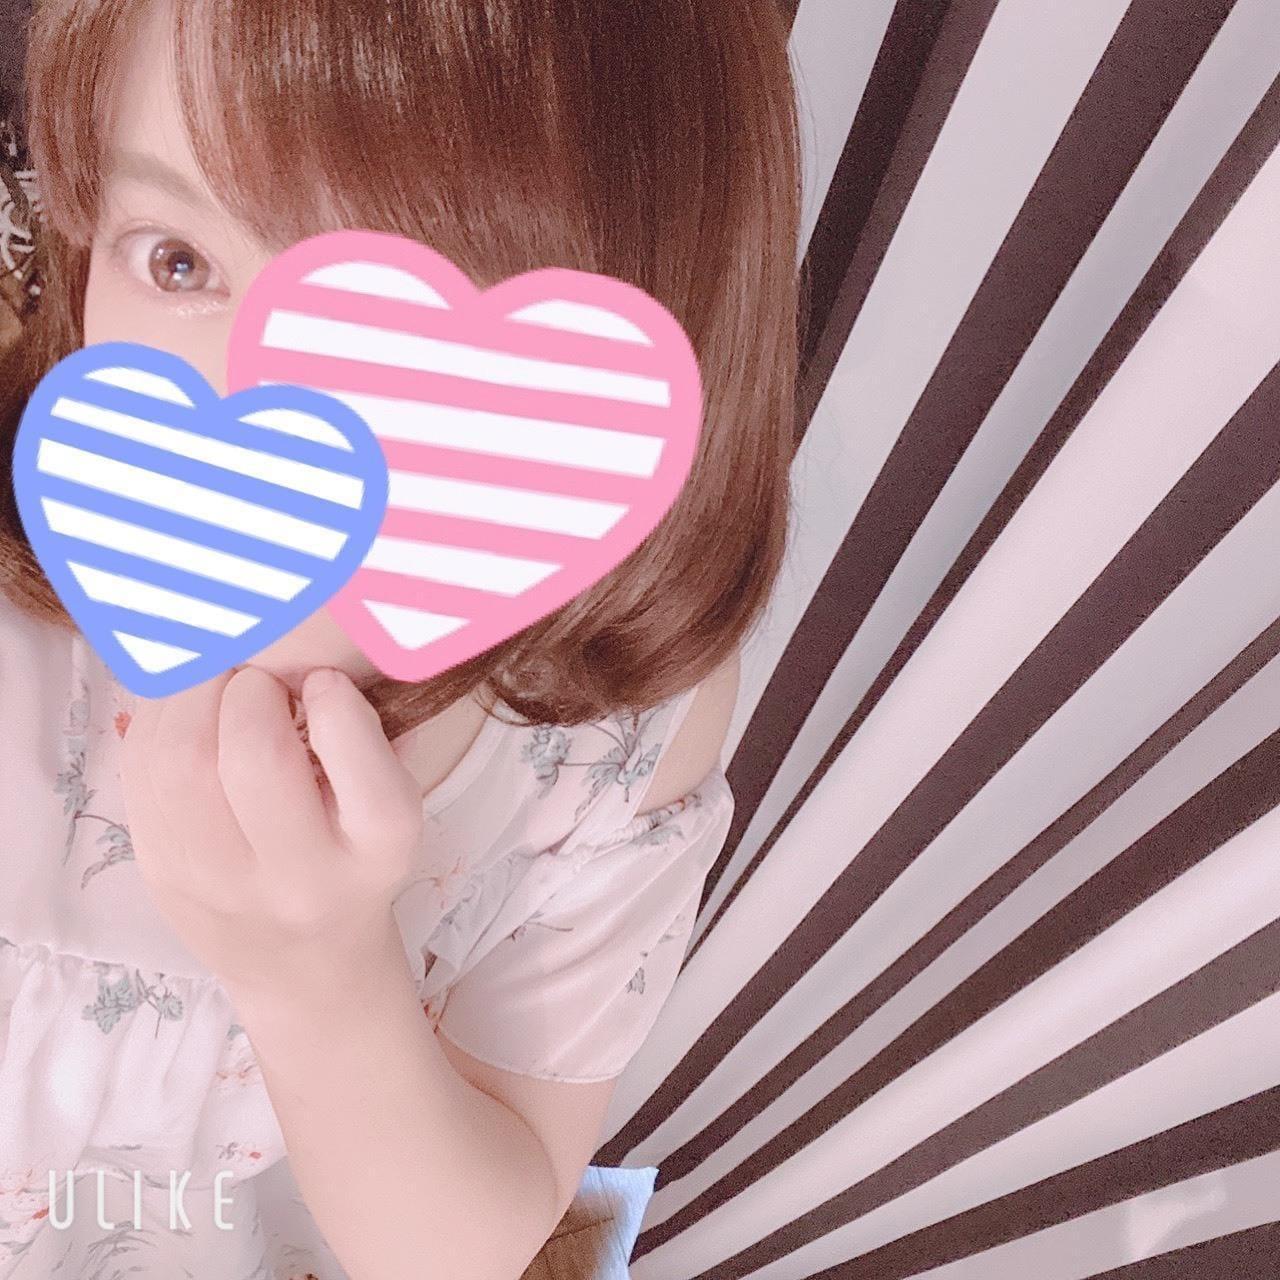 「Nさん♡」06/14日(月) 14:43   るるの写メ・風俗動画